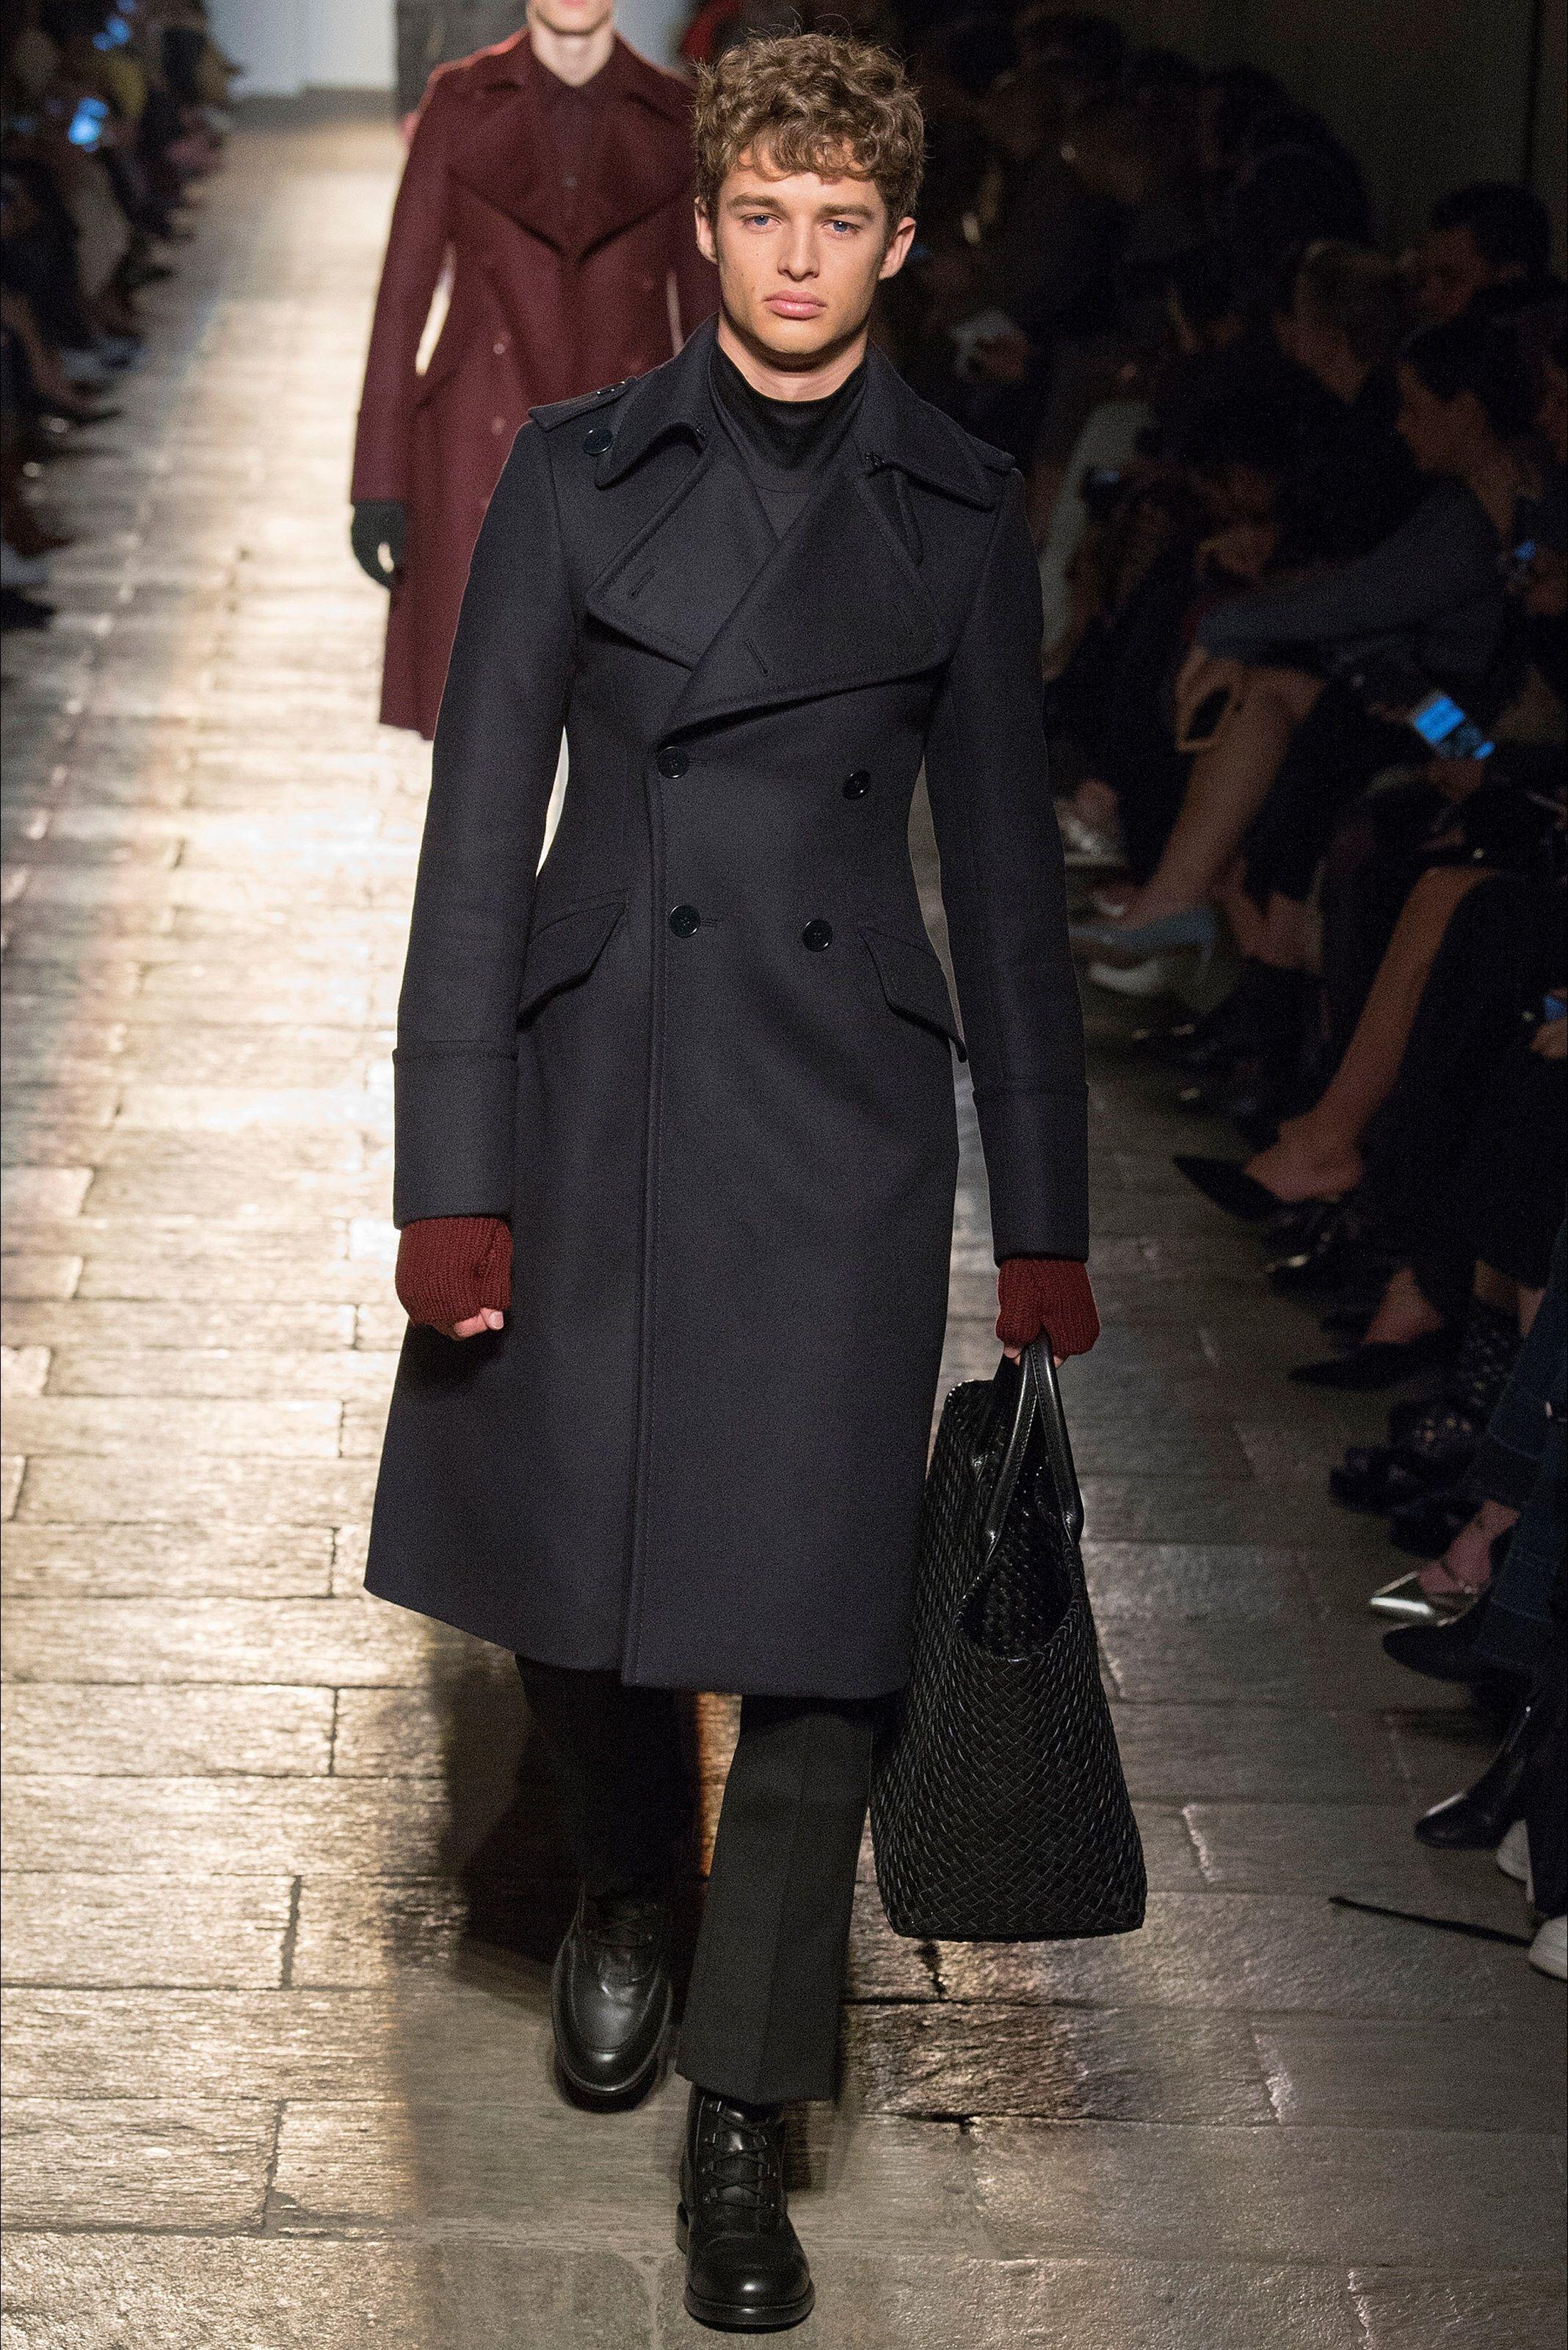 96a1eadd0a942 Sfilata Moda Uomo Bottega Veneta Milano - Autunno Inverno 2017-18 - Vogue